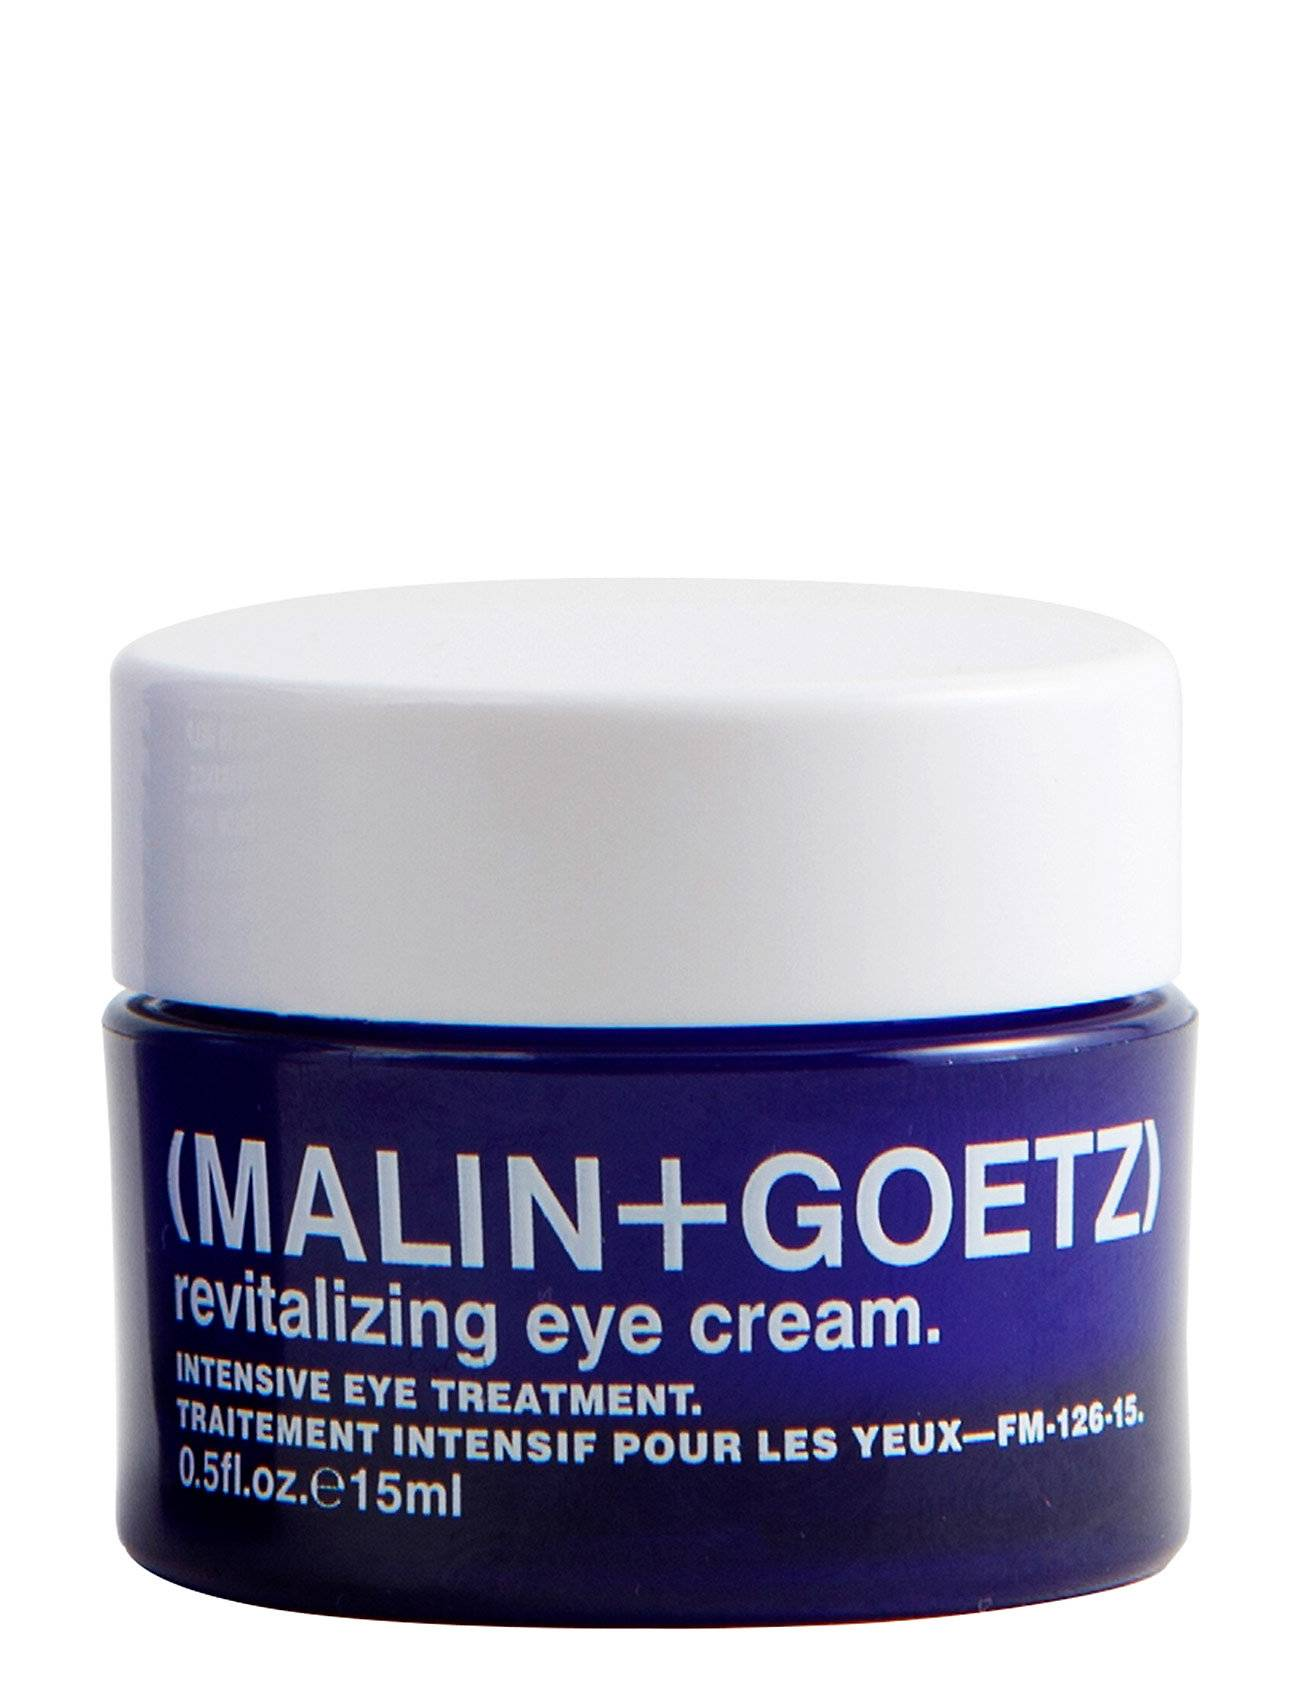 MALIN+GOETZ Revitalizing Eye Cream Silmänympärysvoide Ihonhoito Nude MALIN+GOETZ